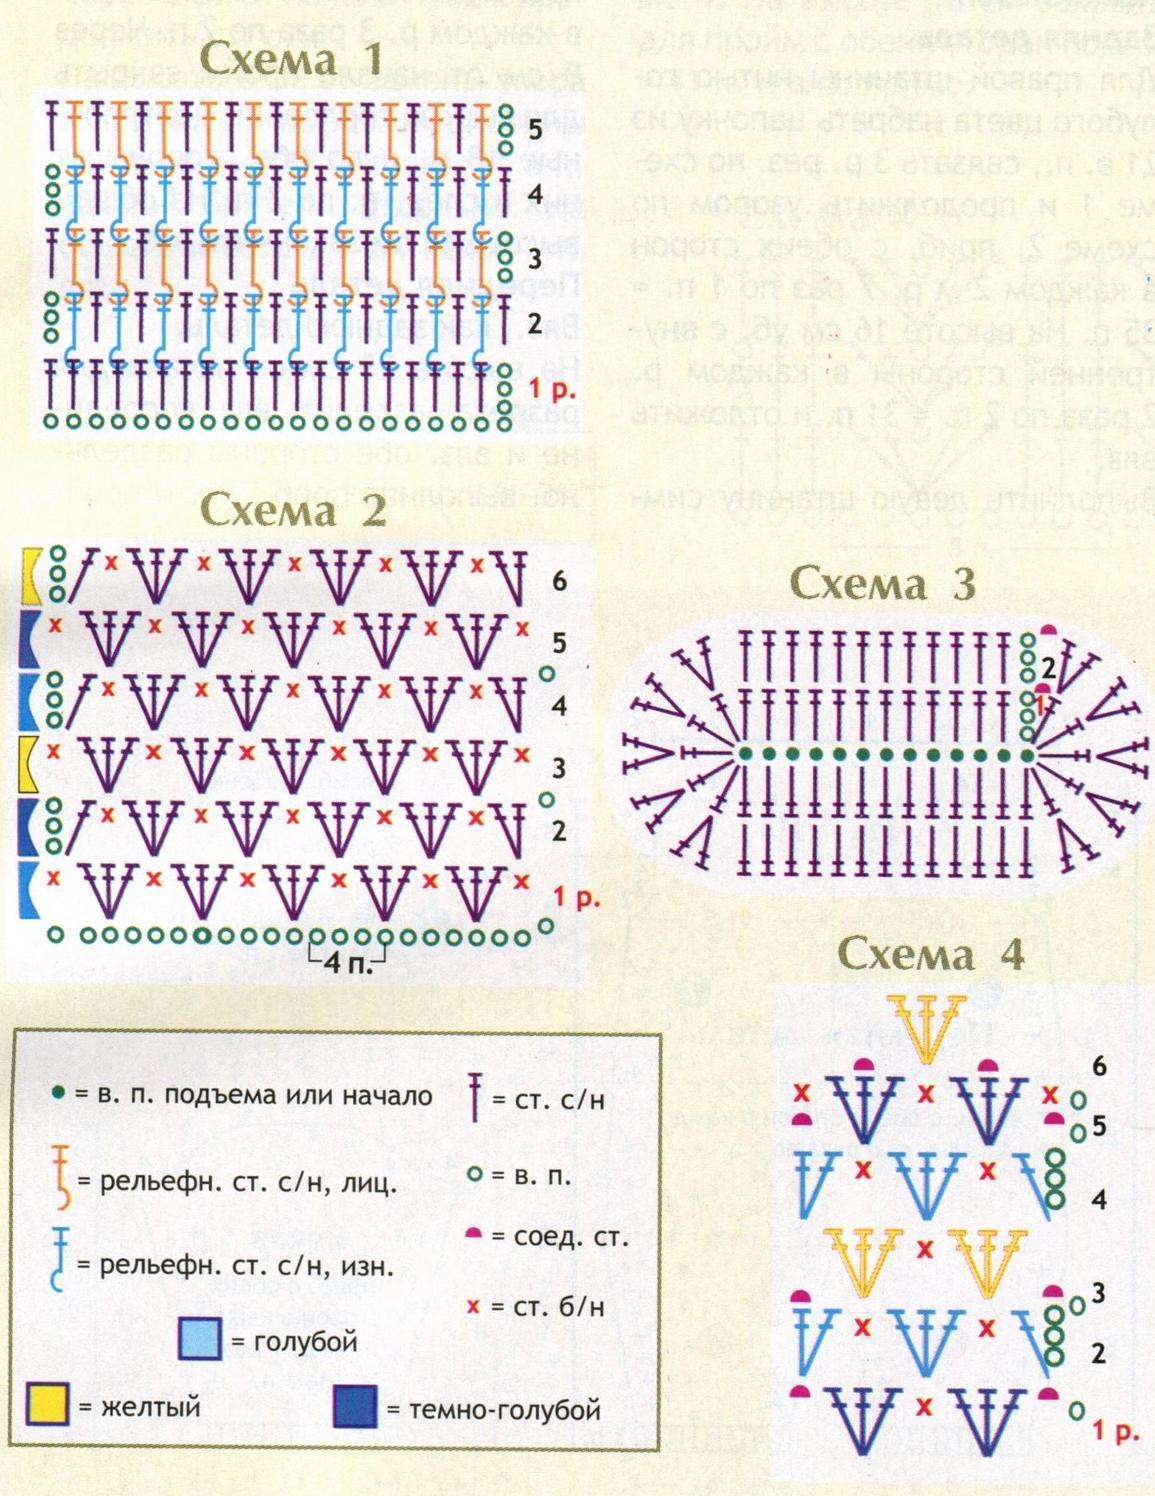 Комбинезон и пинетки на новорожденного вязаные крючком схемы